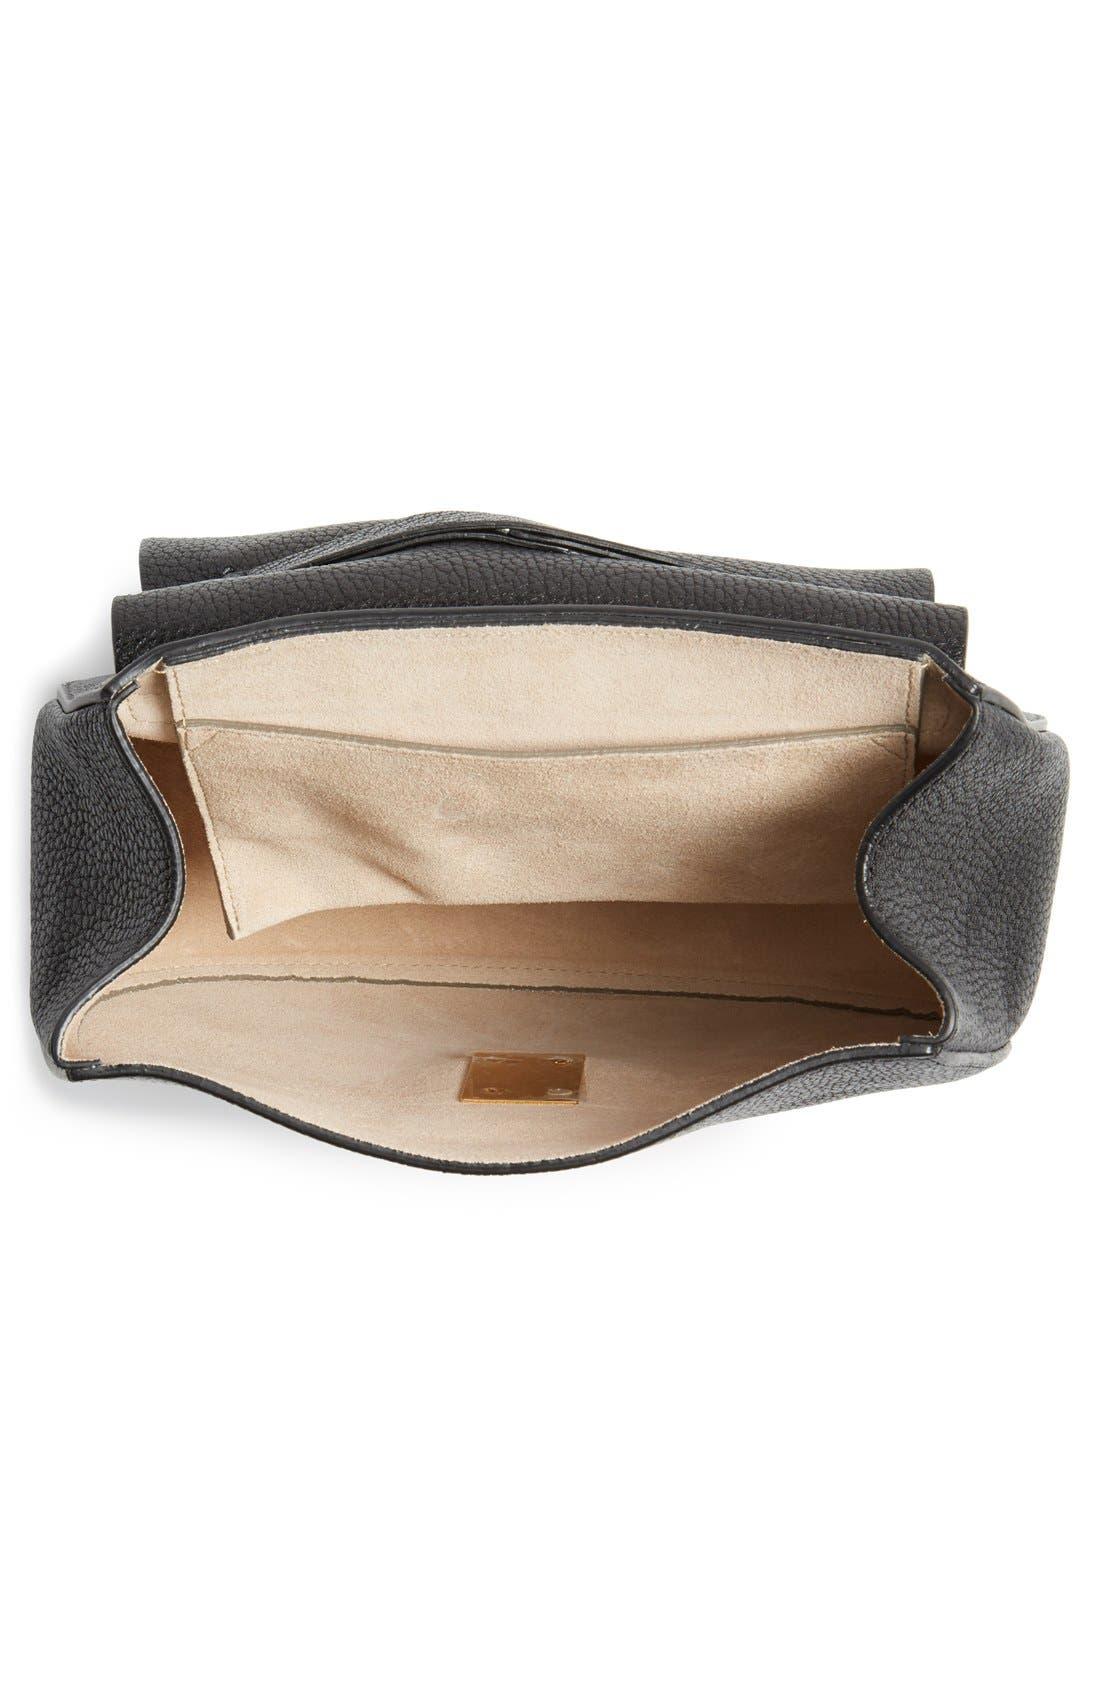 Drew Leather Shoulder Bag,                             Alternate thumbnail 4, color,                             Black Gold Hrdwre